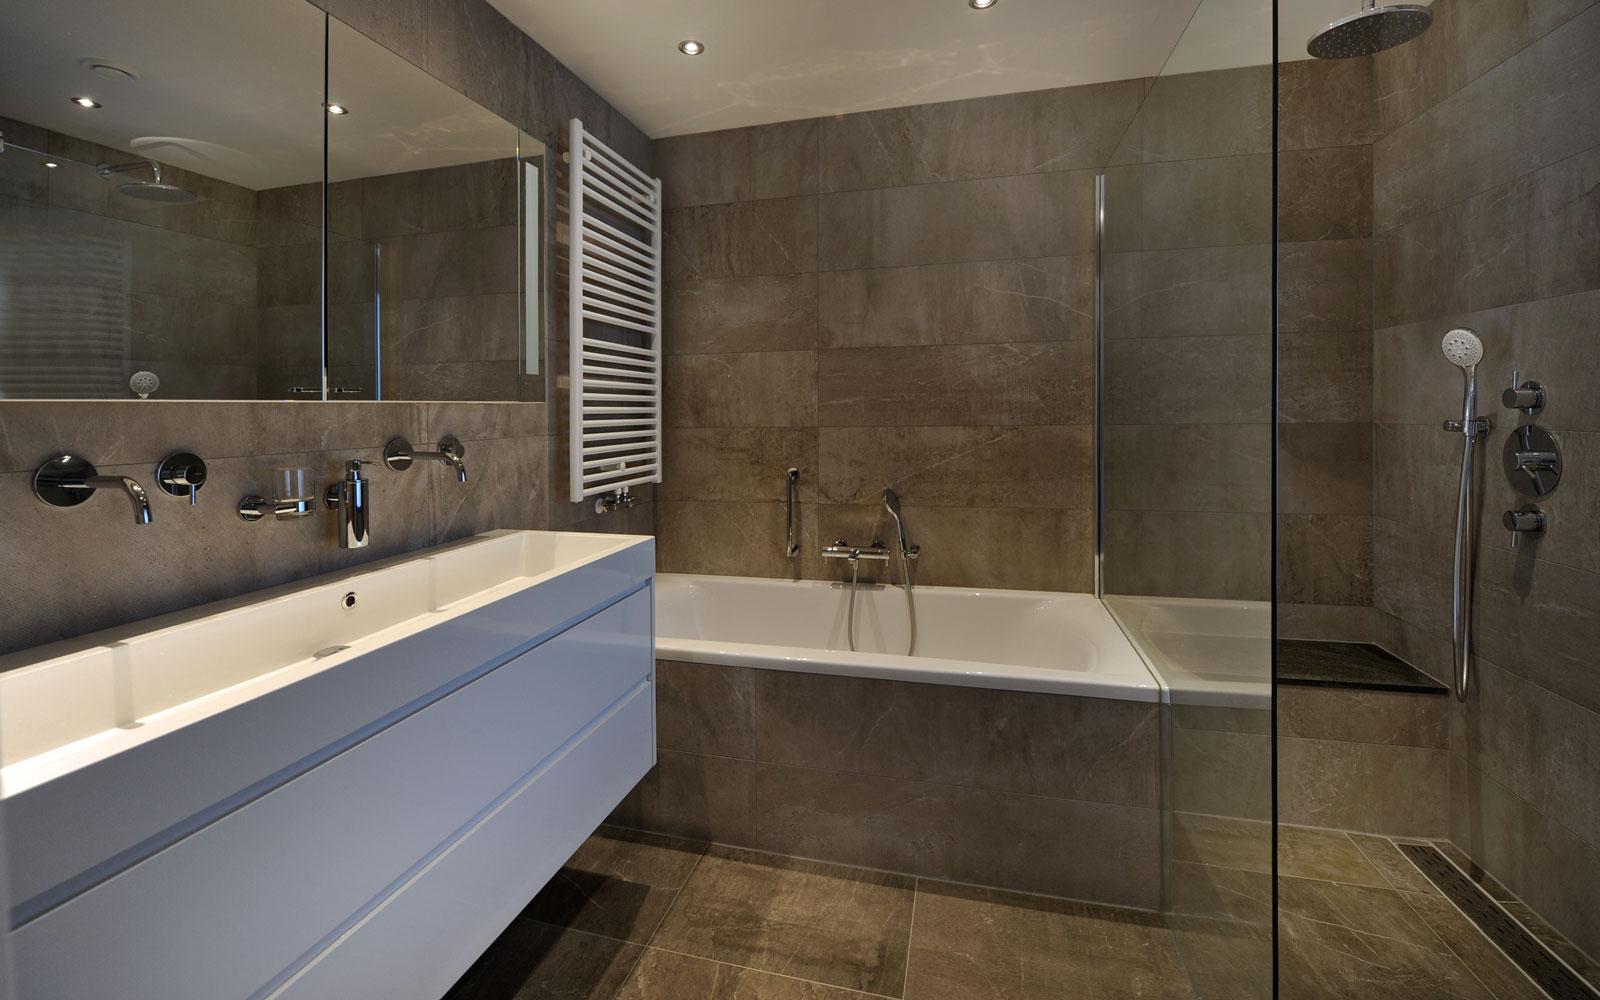 Badkamer, sanitair, Harry van der Velden, natuursteen, wastafel, bad, herenhuis, Van Oort Interieurs